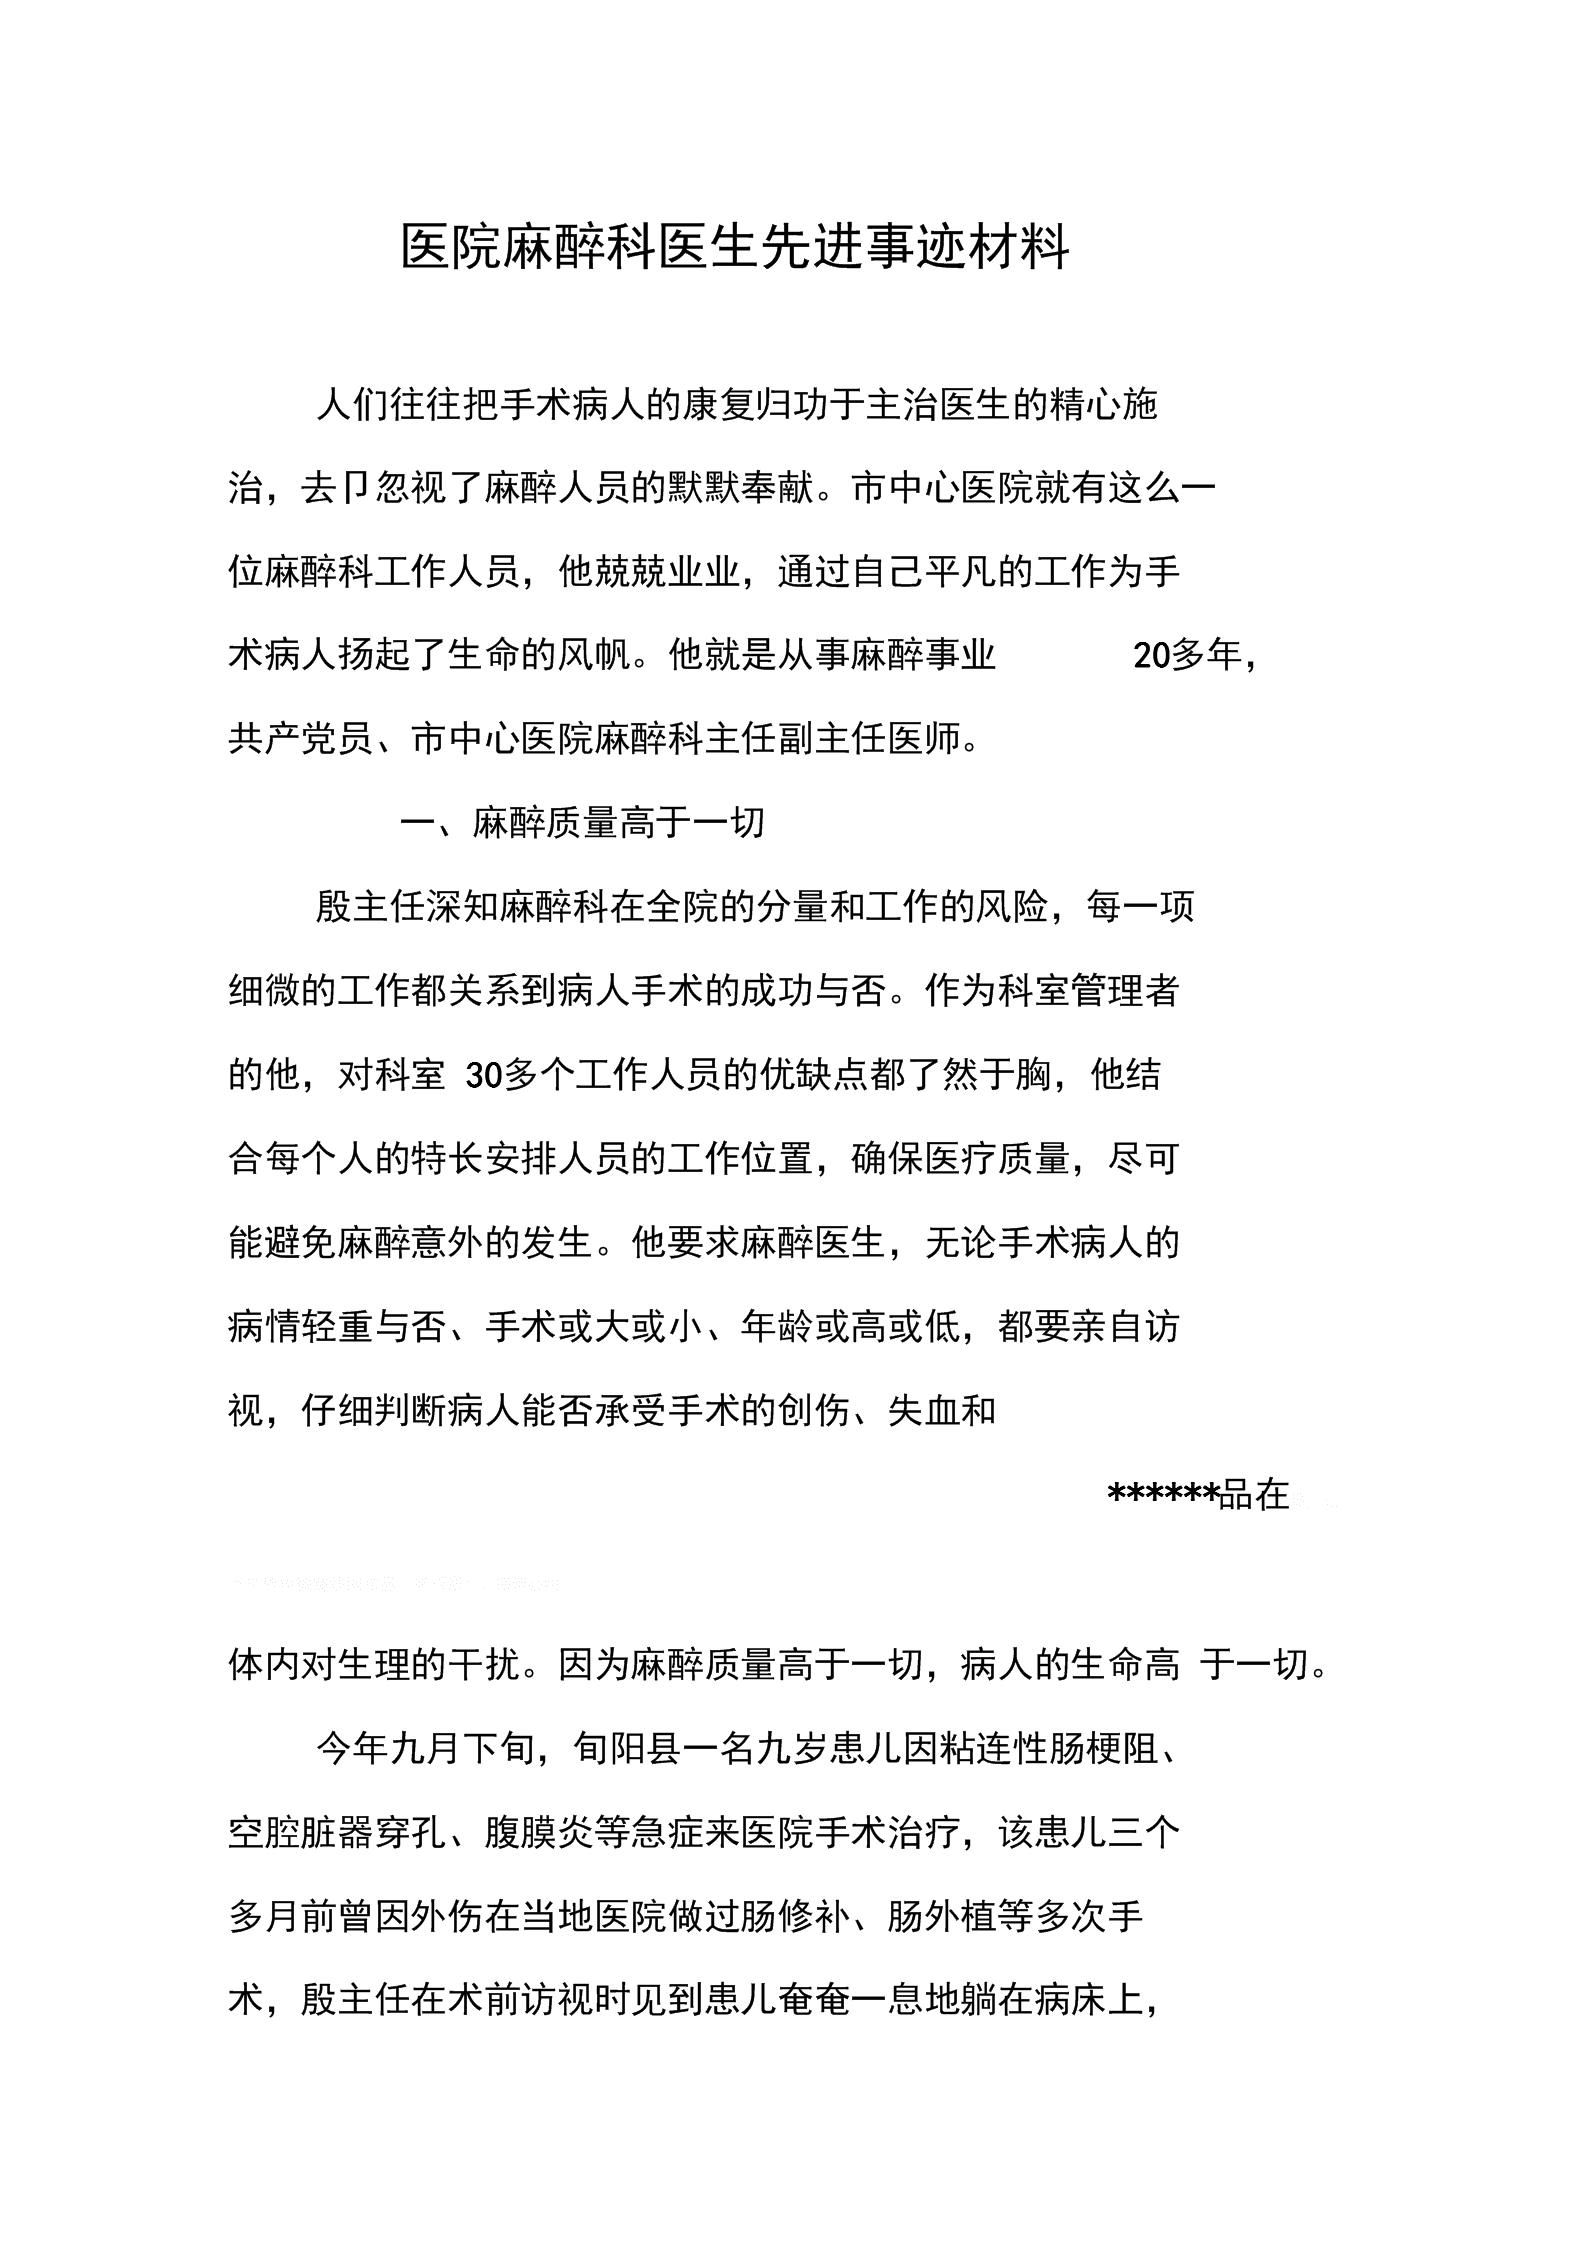 医院麻醉科医生先进事迹材料.docx